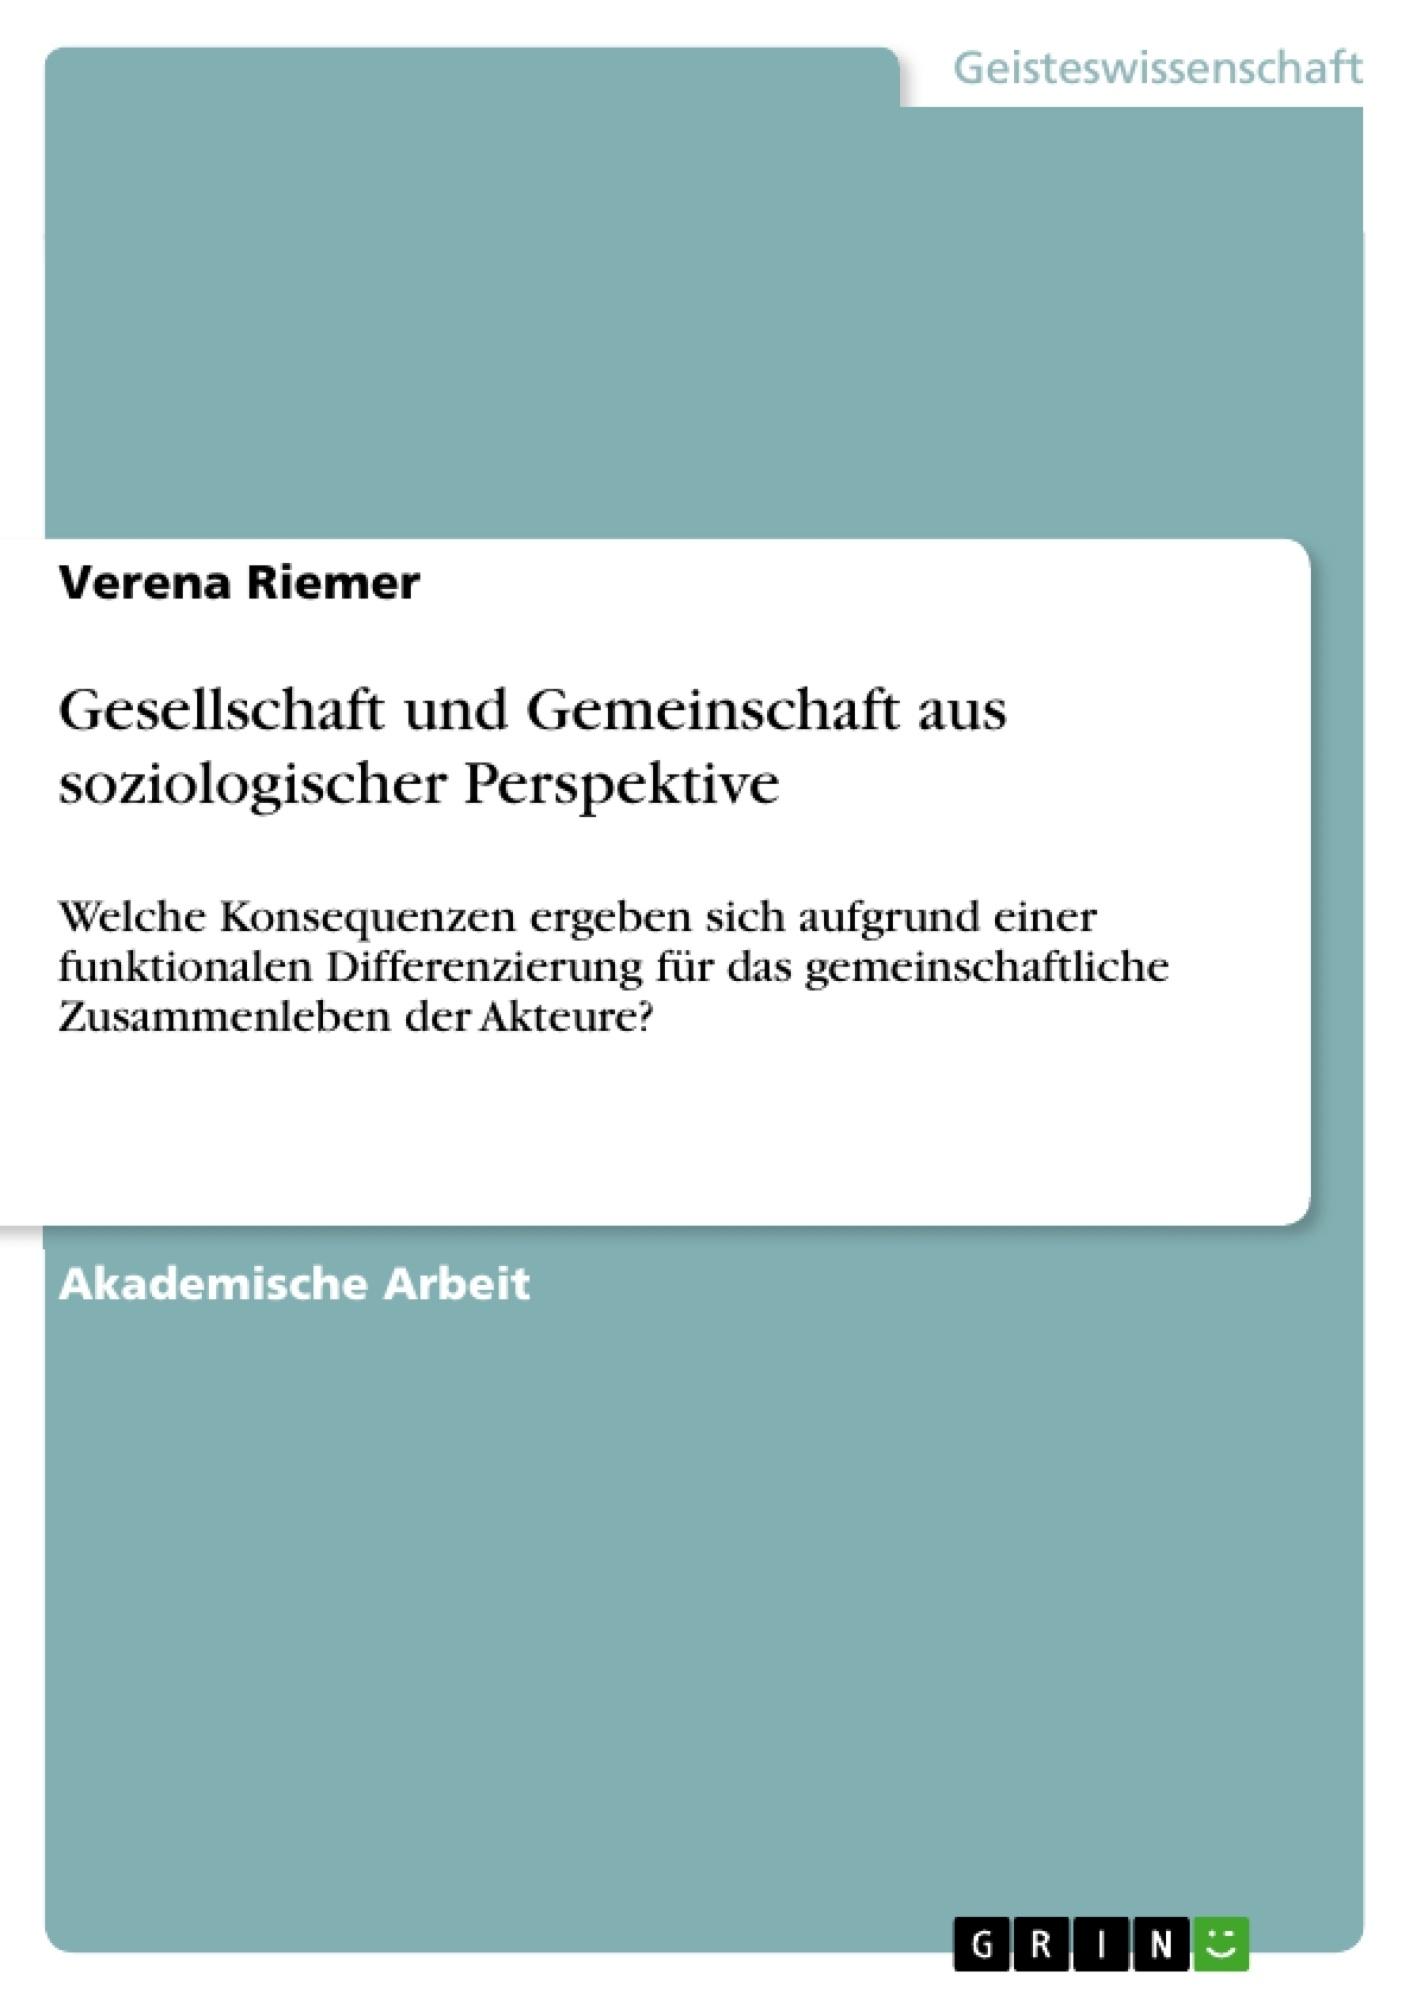 Titel: Gesellschaft und Gemeinschaft aus soziologischer Perspektive